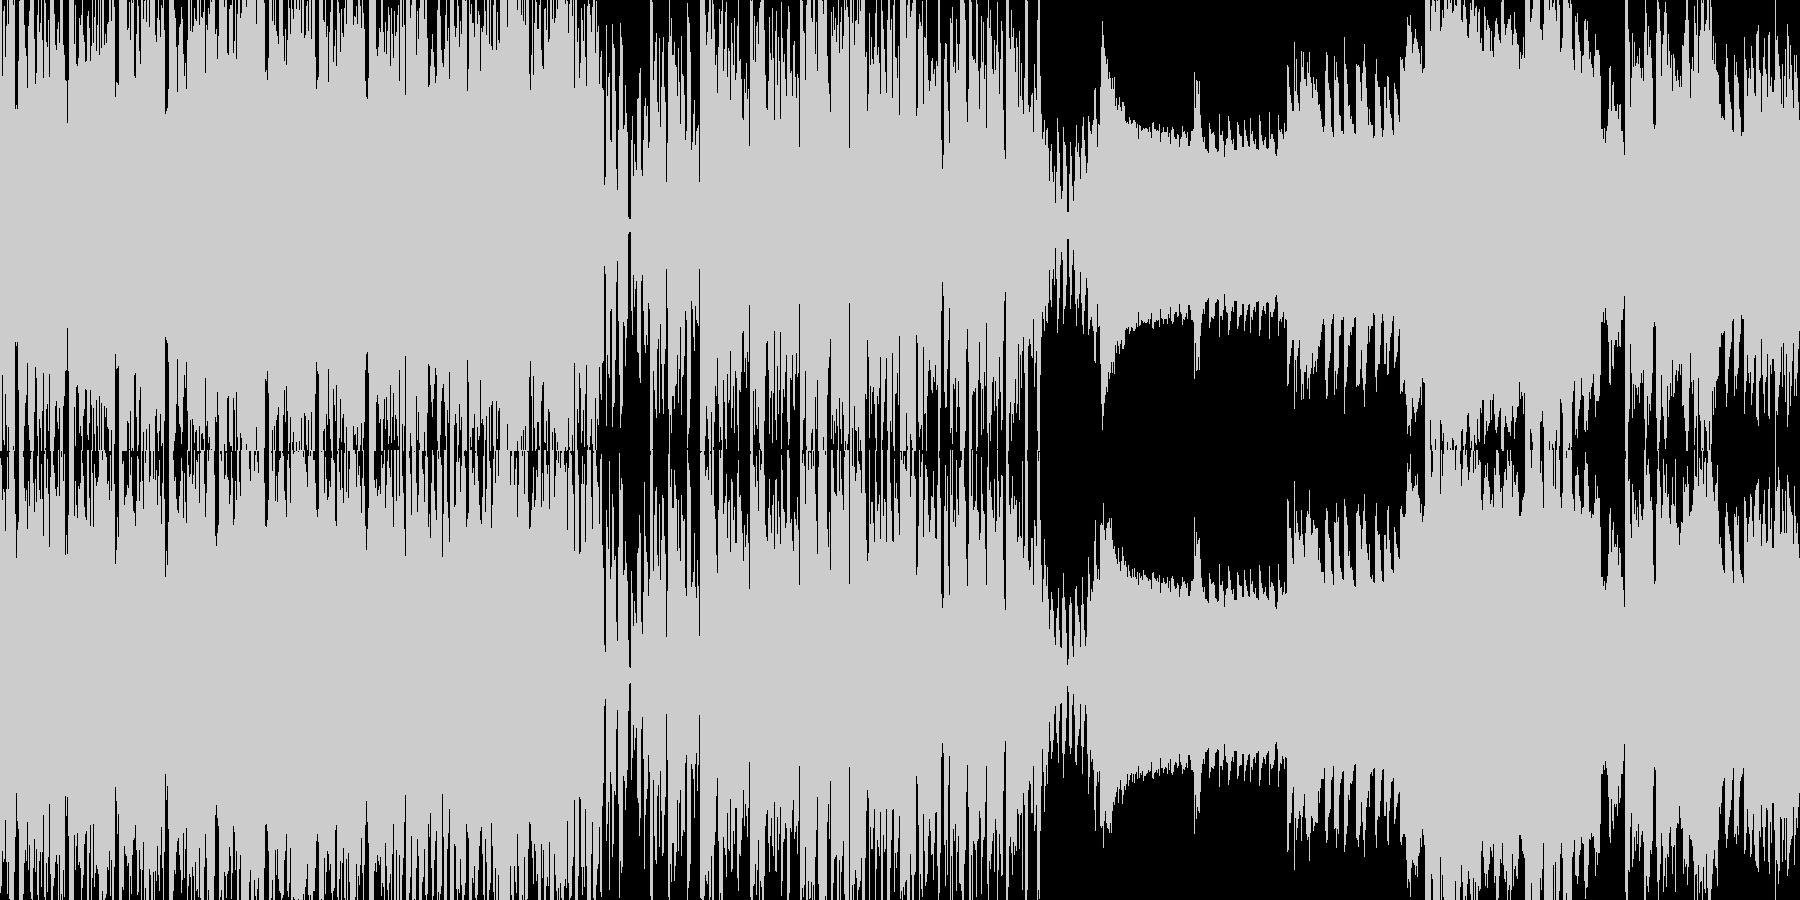 アゲMAXのクラブ系ダンスミュージックの未再生の波形